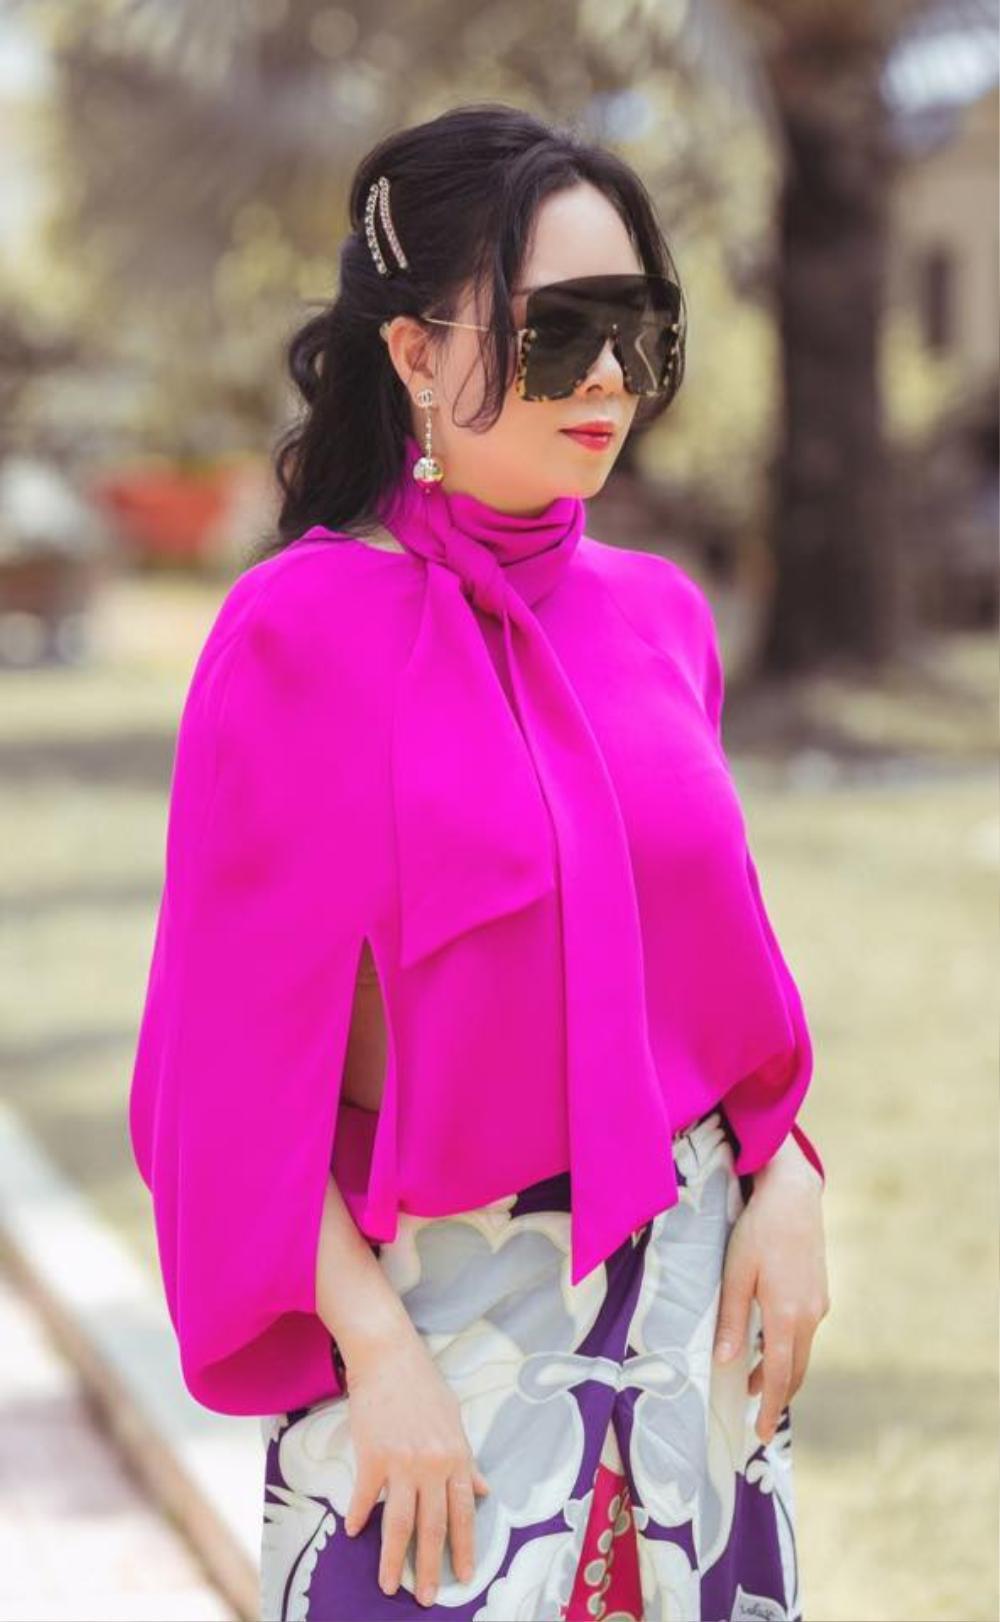 Phượng Chanel diện set đồ chói mắt cùng chiếc kính mát 'khổng lồ' đi dạo phố Ảnh 3